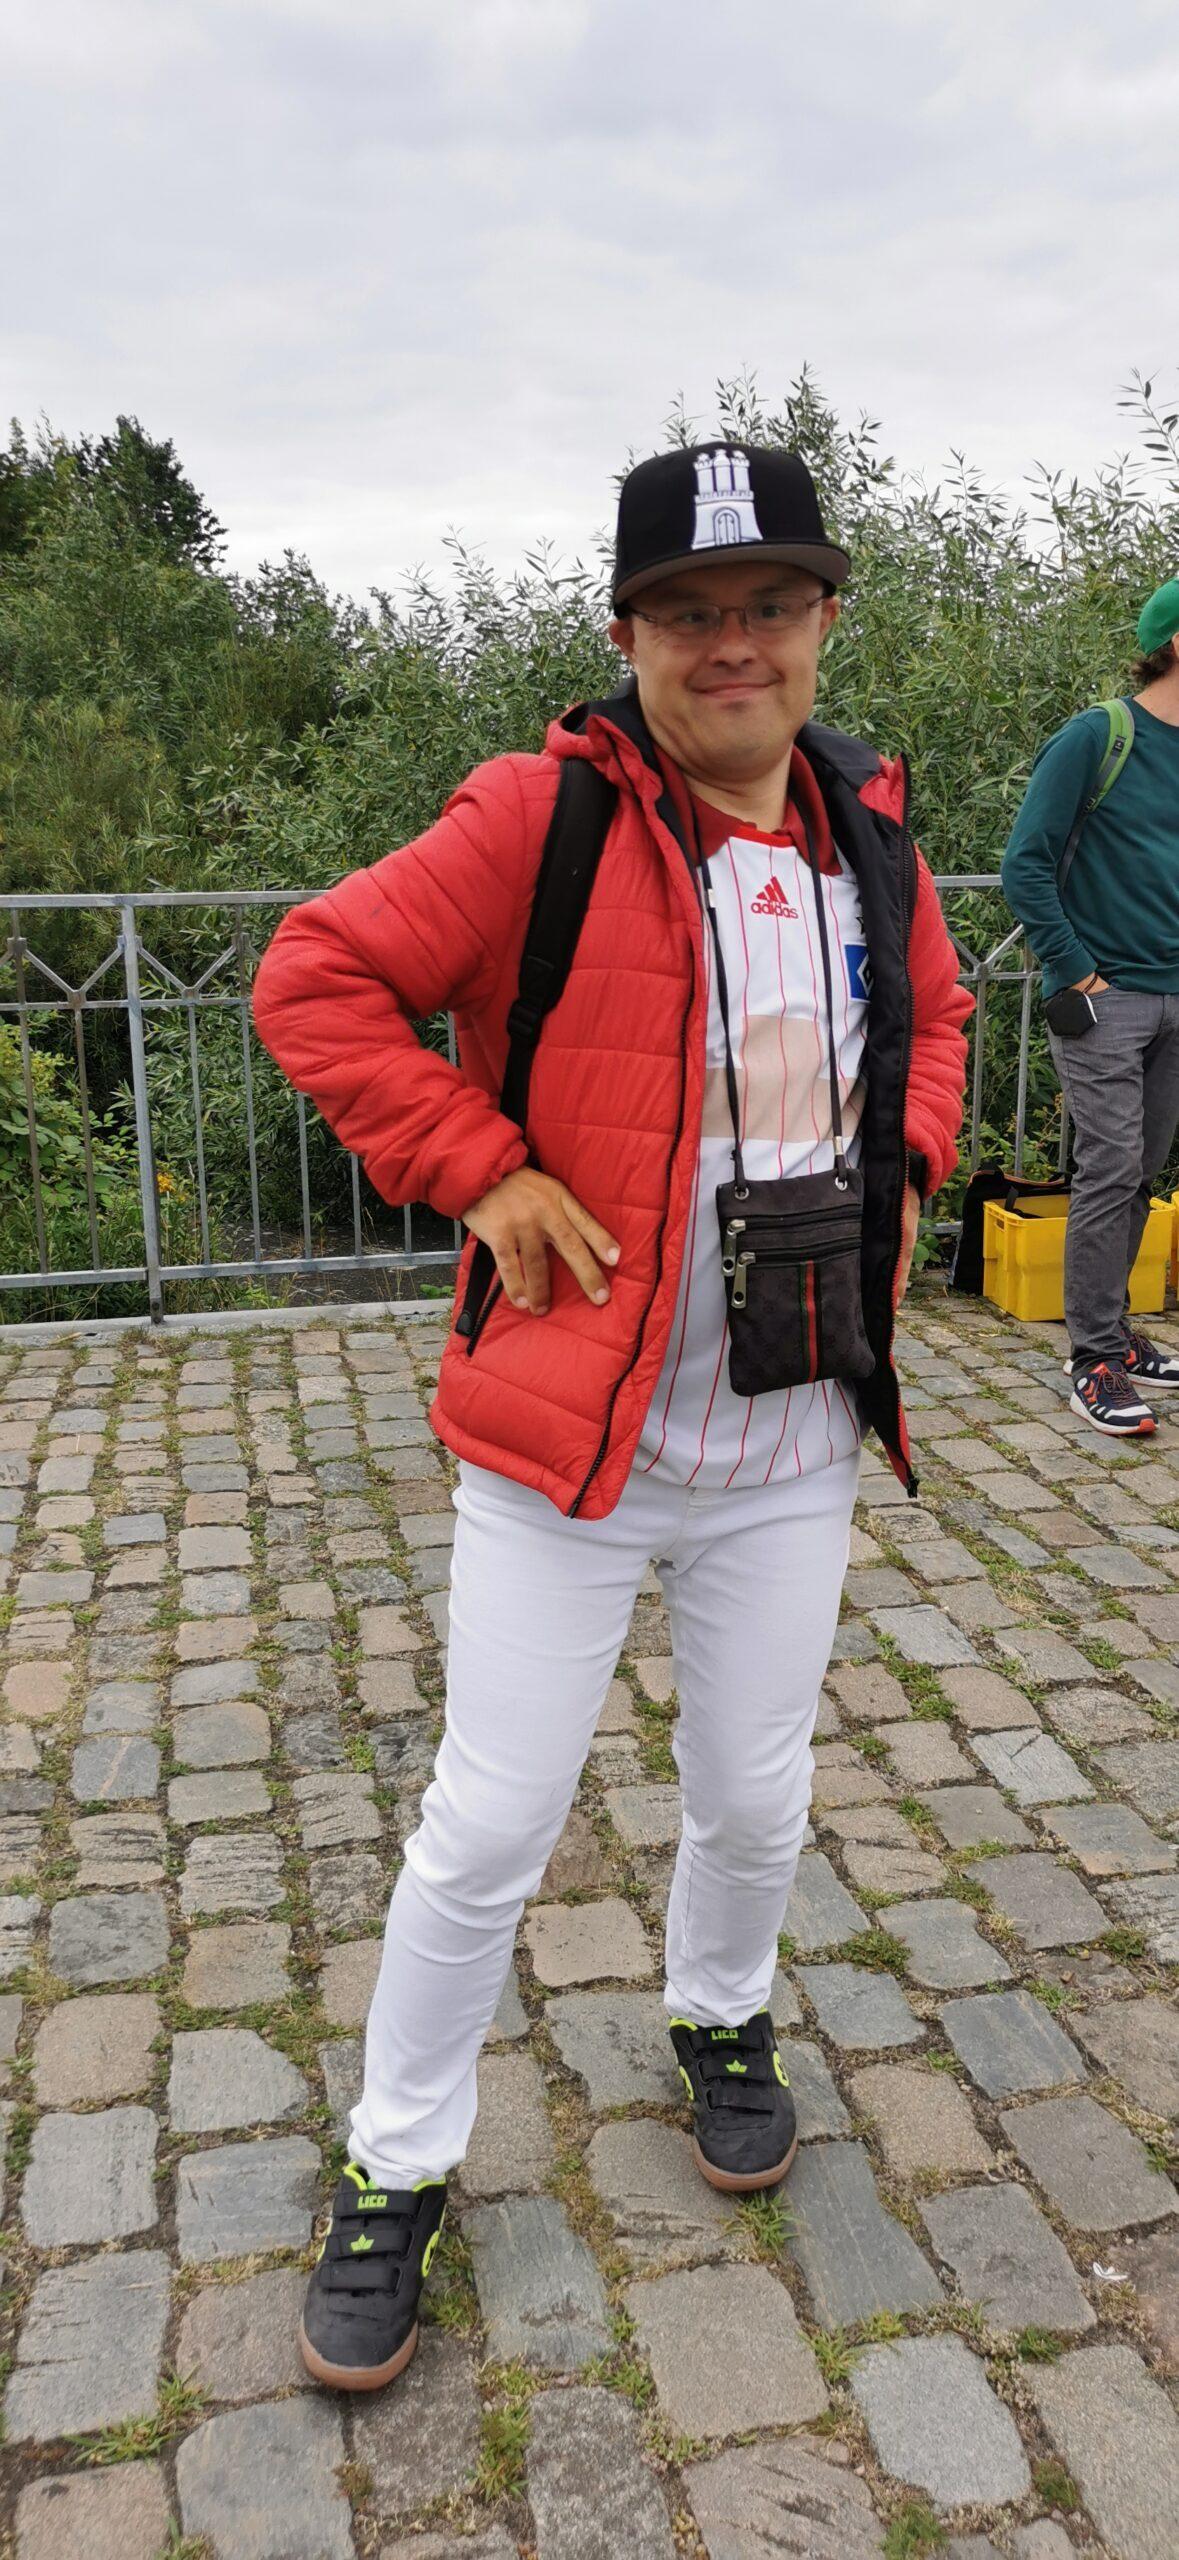 Junger Mann mit Down-Syndrom grinst, trägt Käppi mit Hammaburg und Brustbeutel.